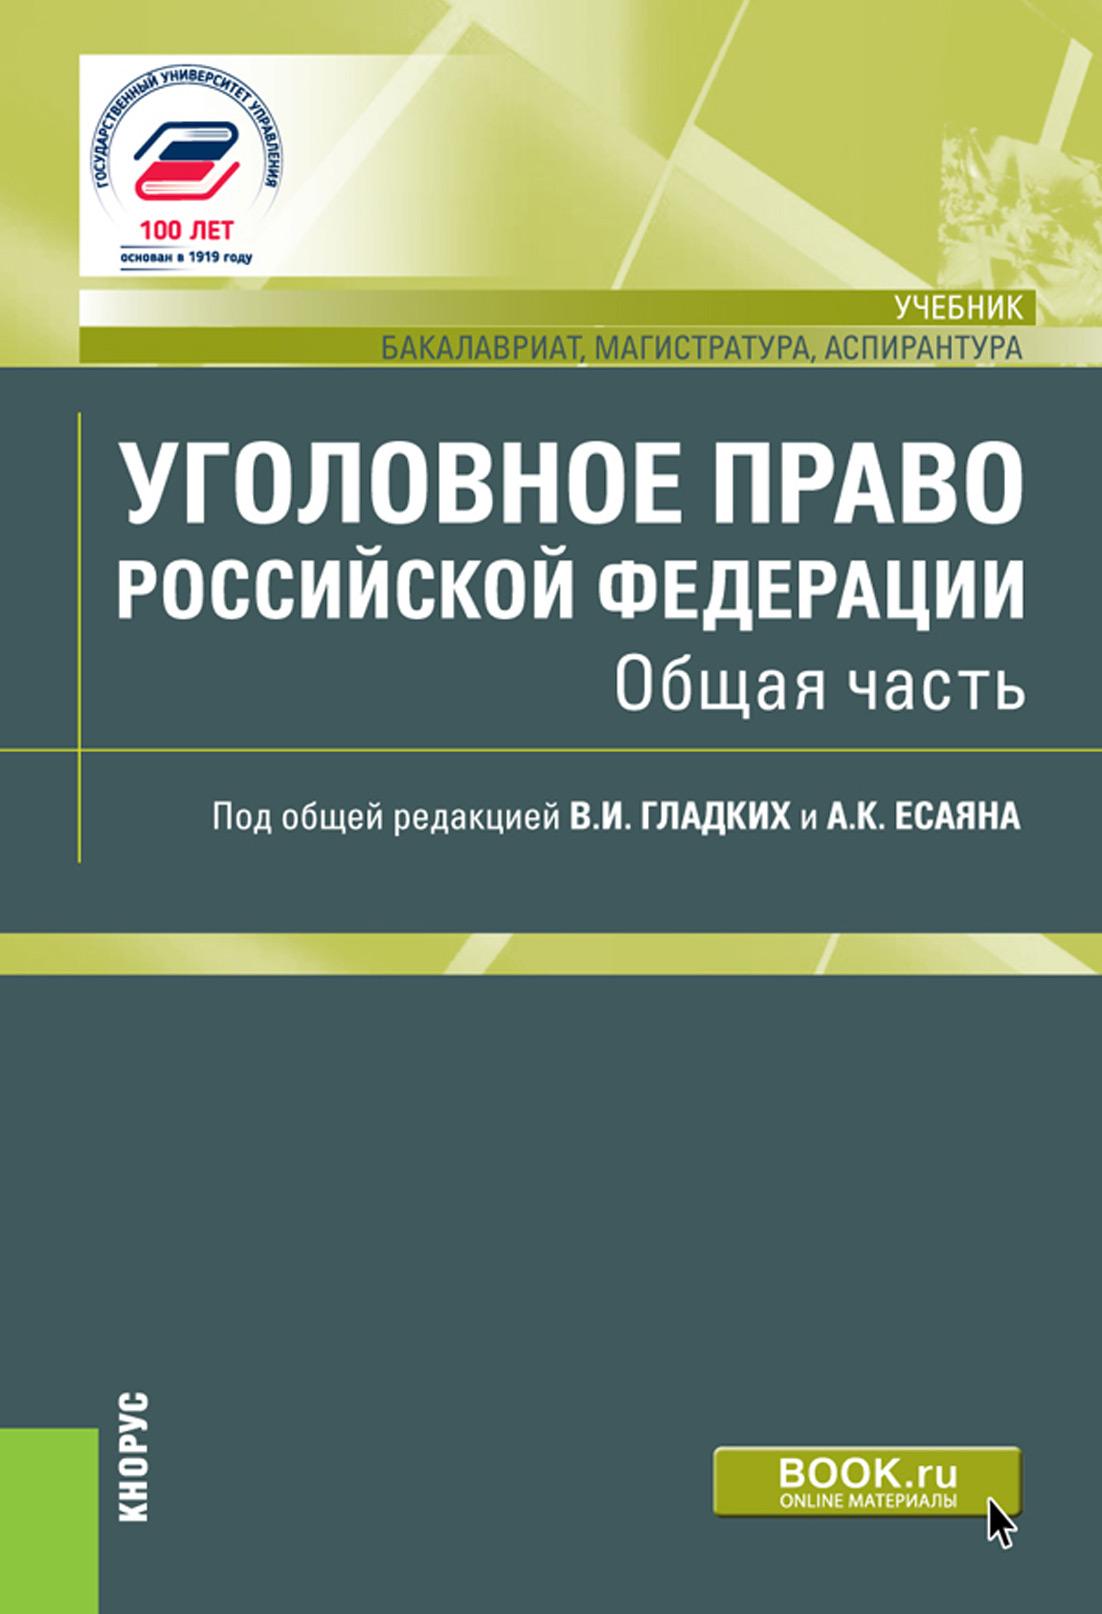 Уголовное право Российской Федерации. Общая часть ( Коллектив авторов  )